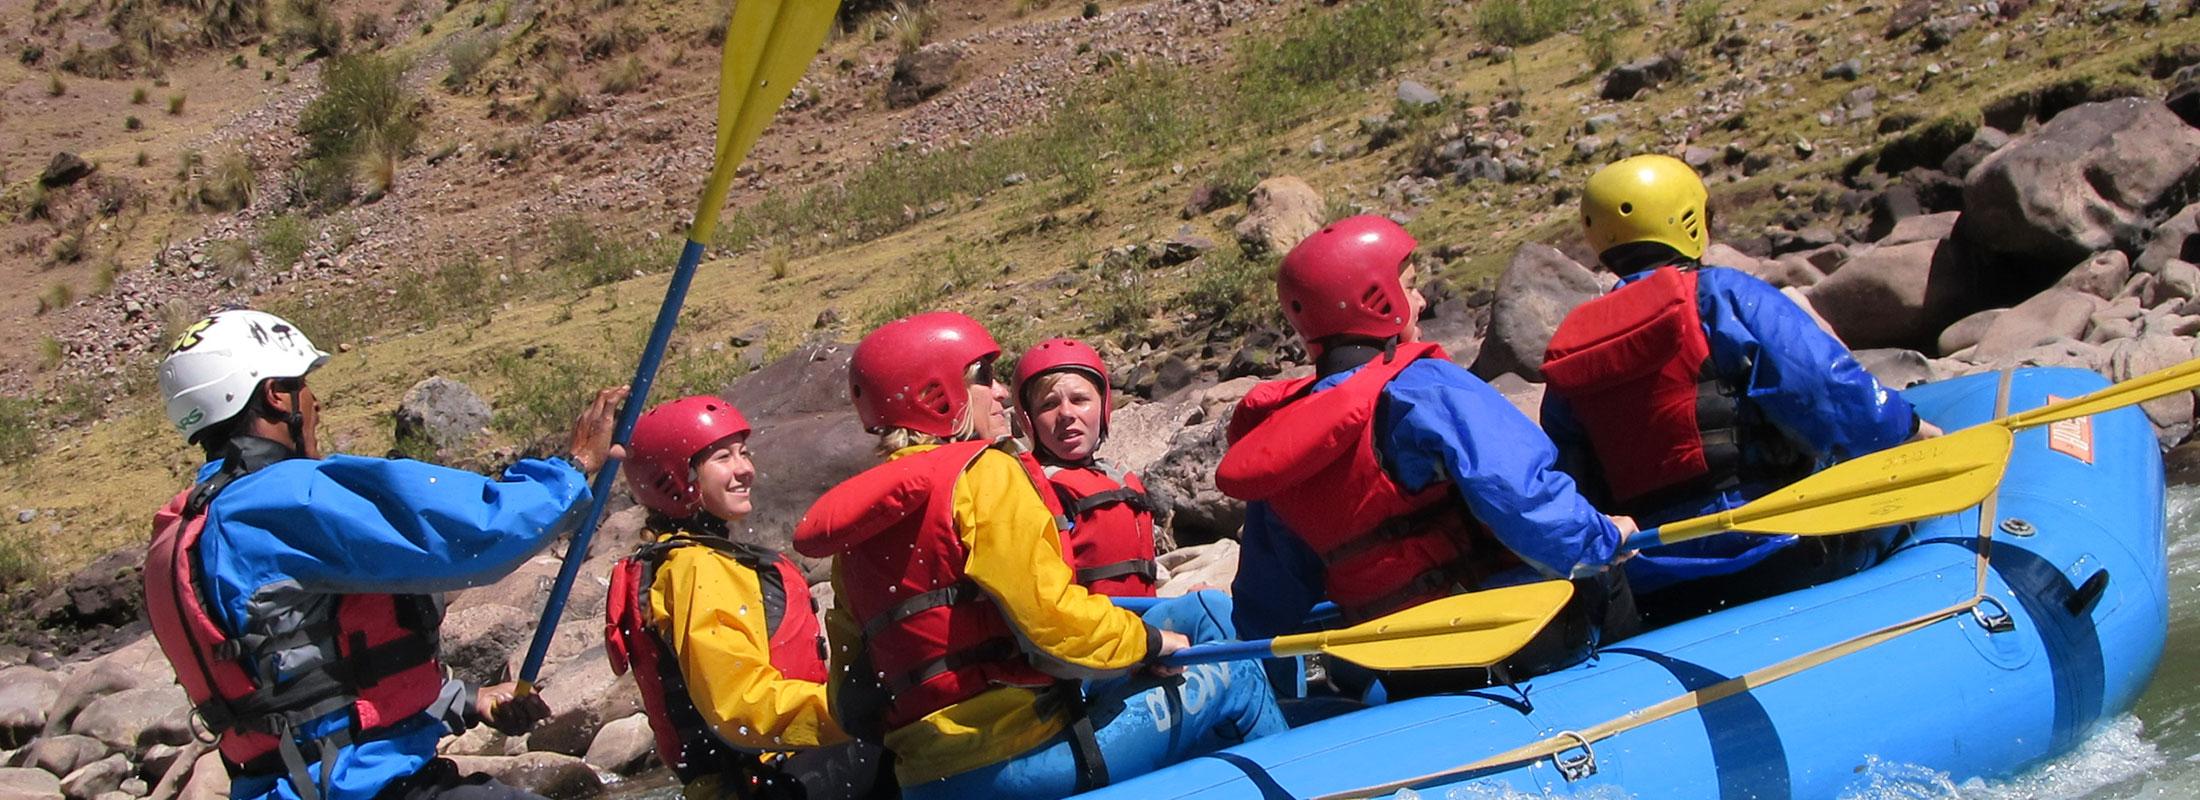 cusco peru rafting (4)